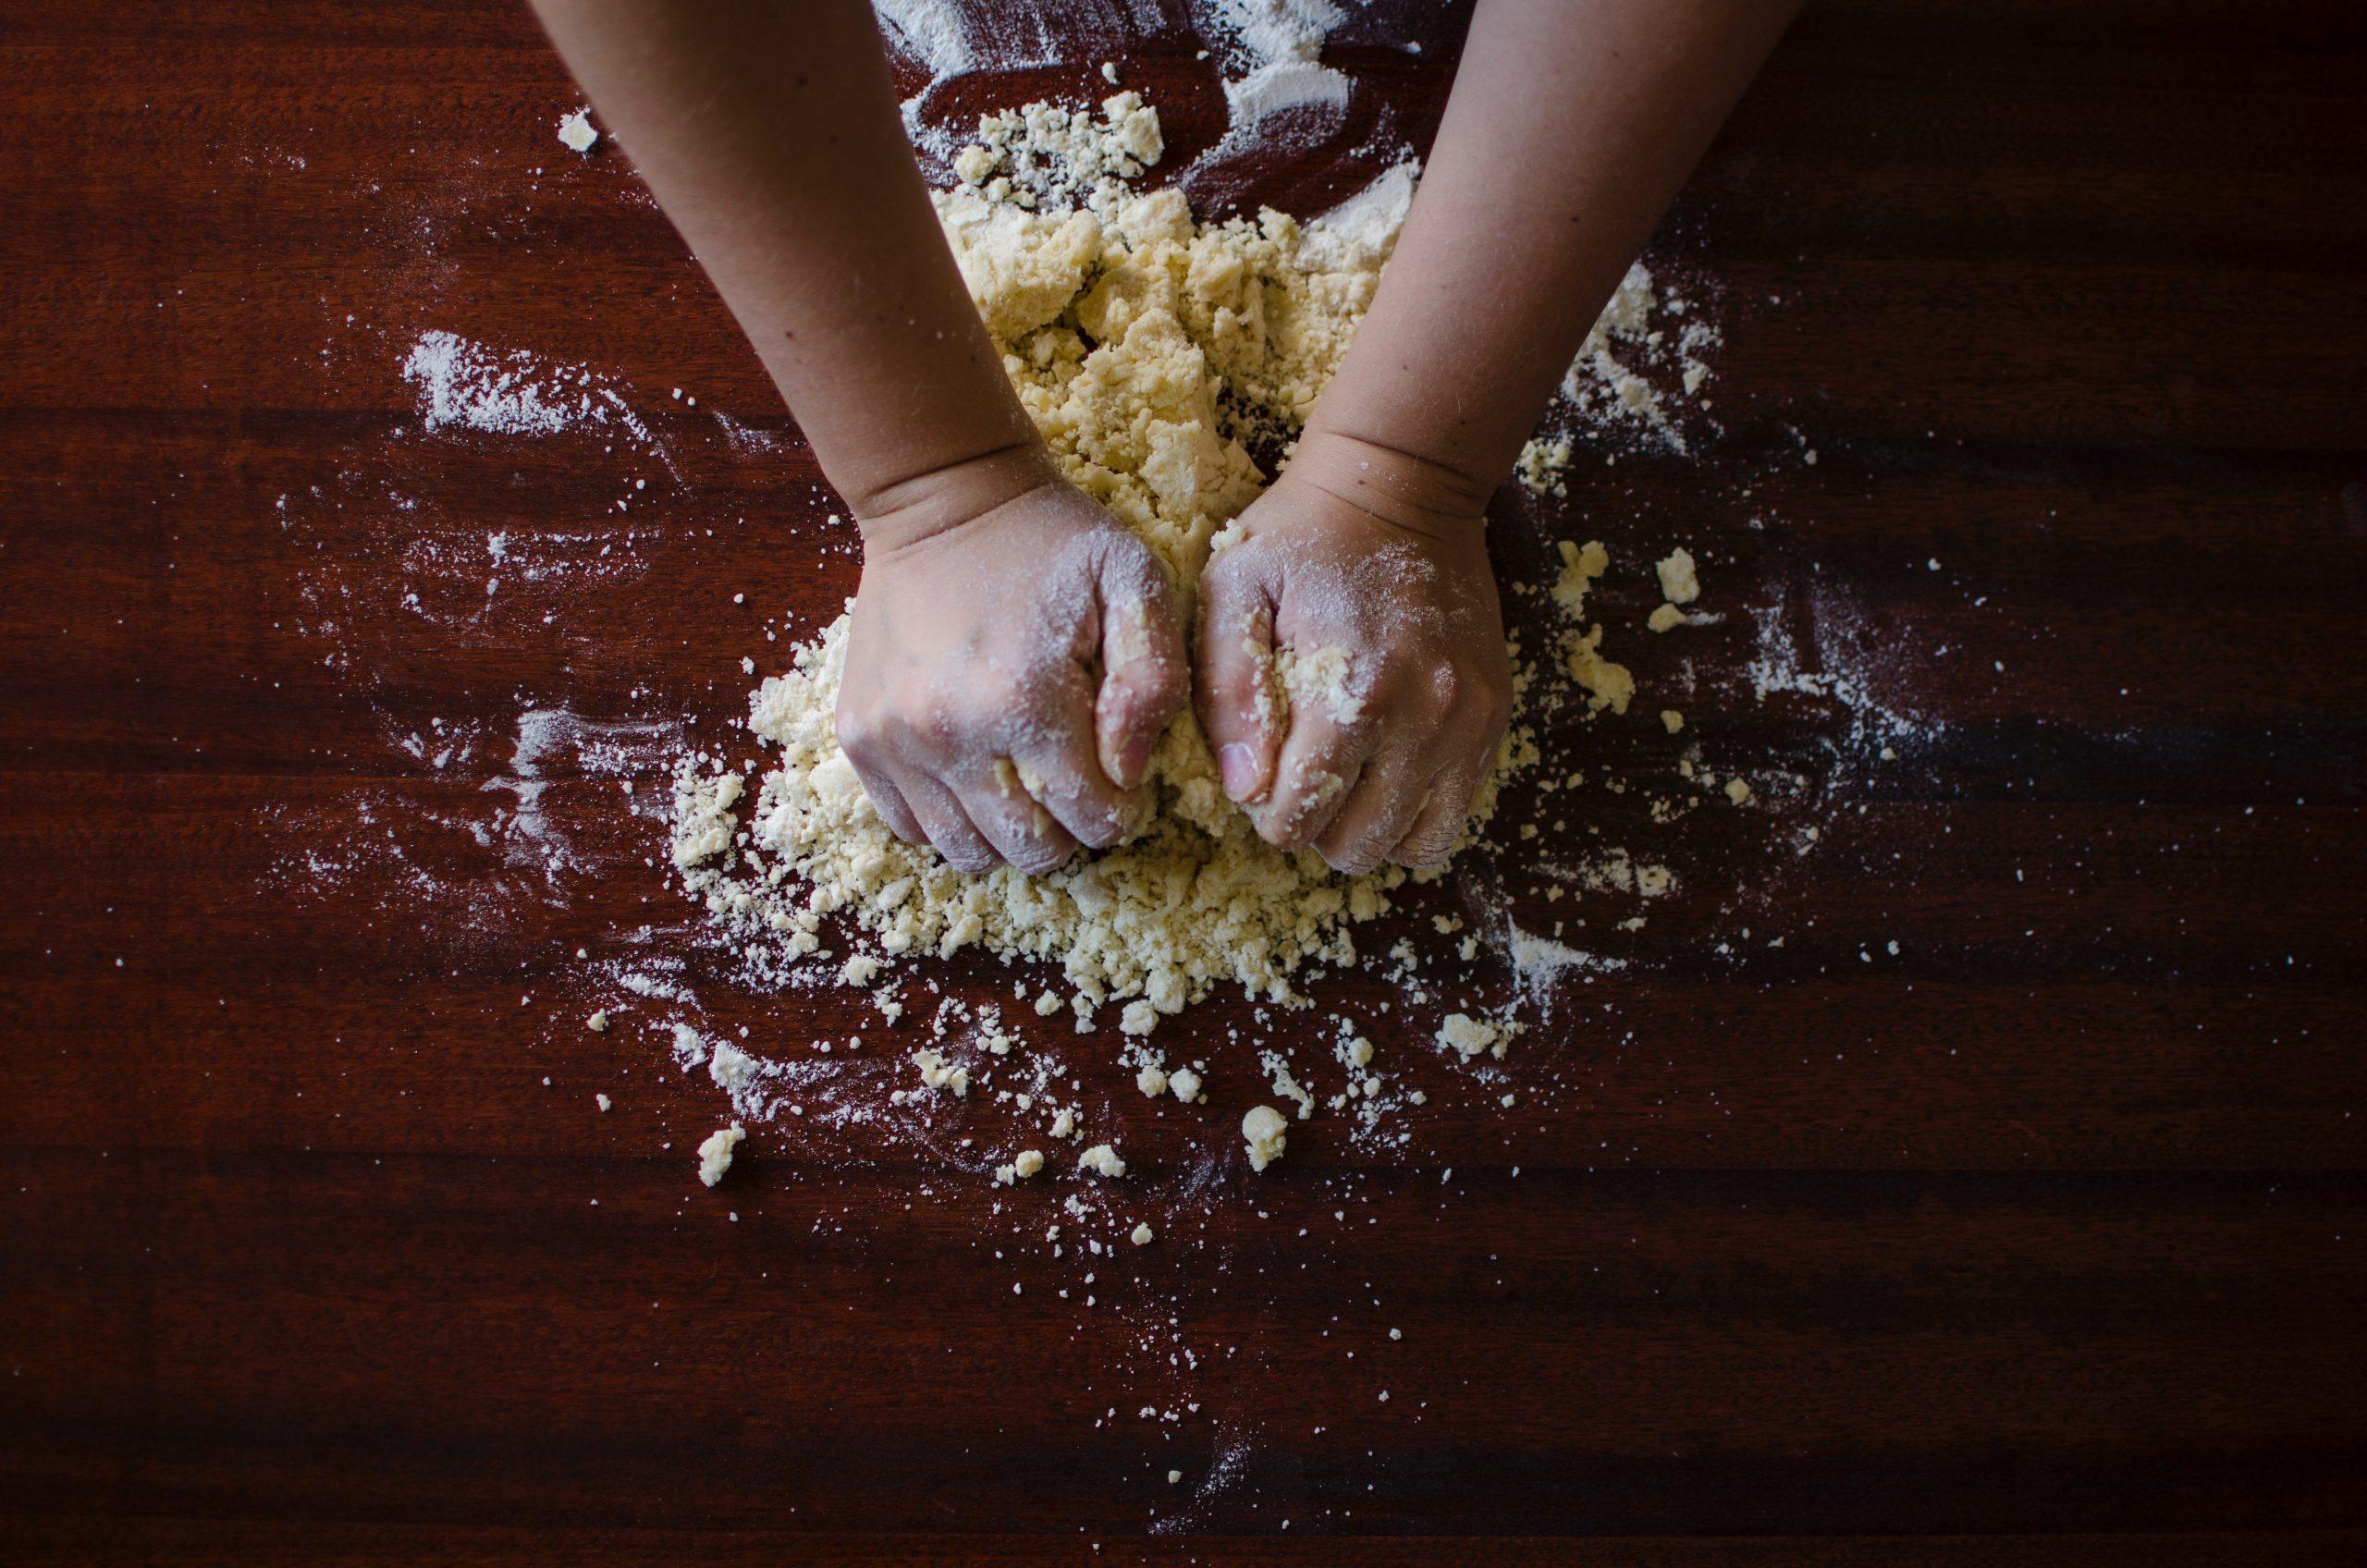 Mit den Händen wird ein Teig geknetet.